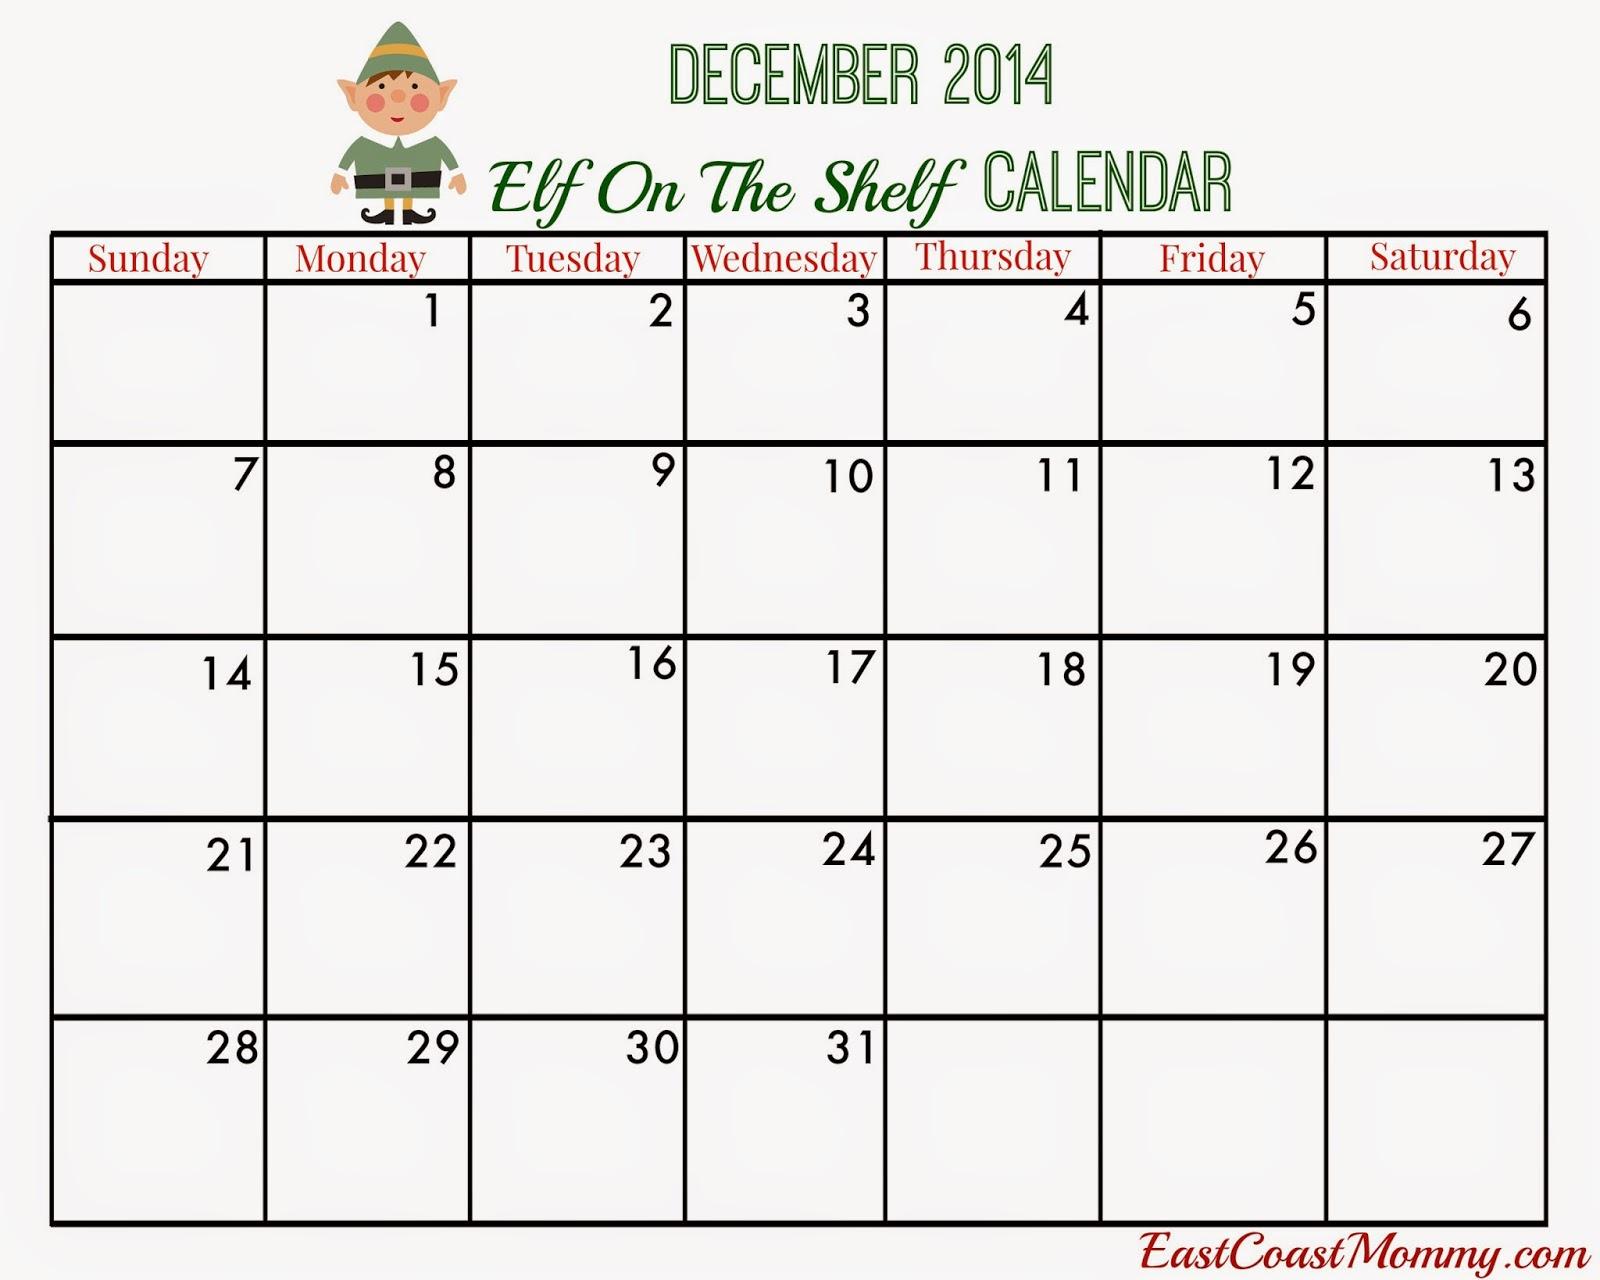 East Coast Mommy: Elf on the Shelf Calendar